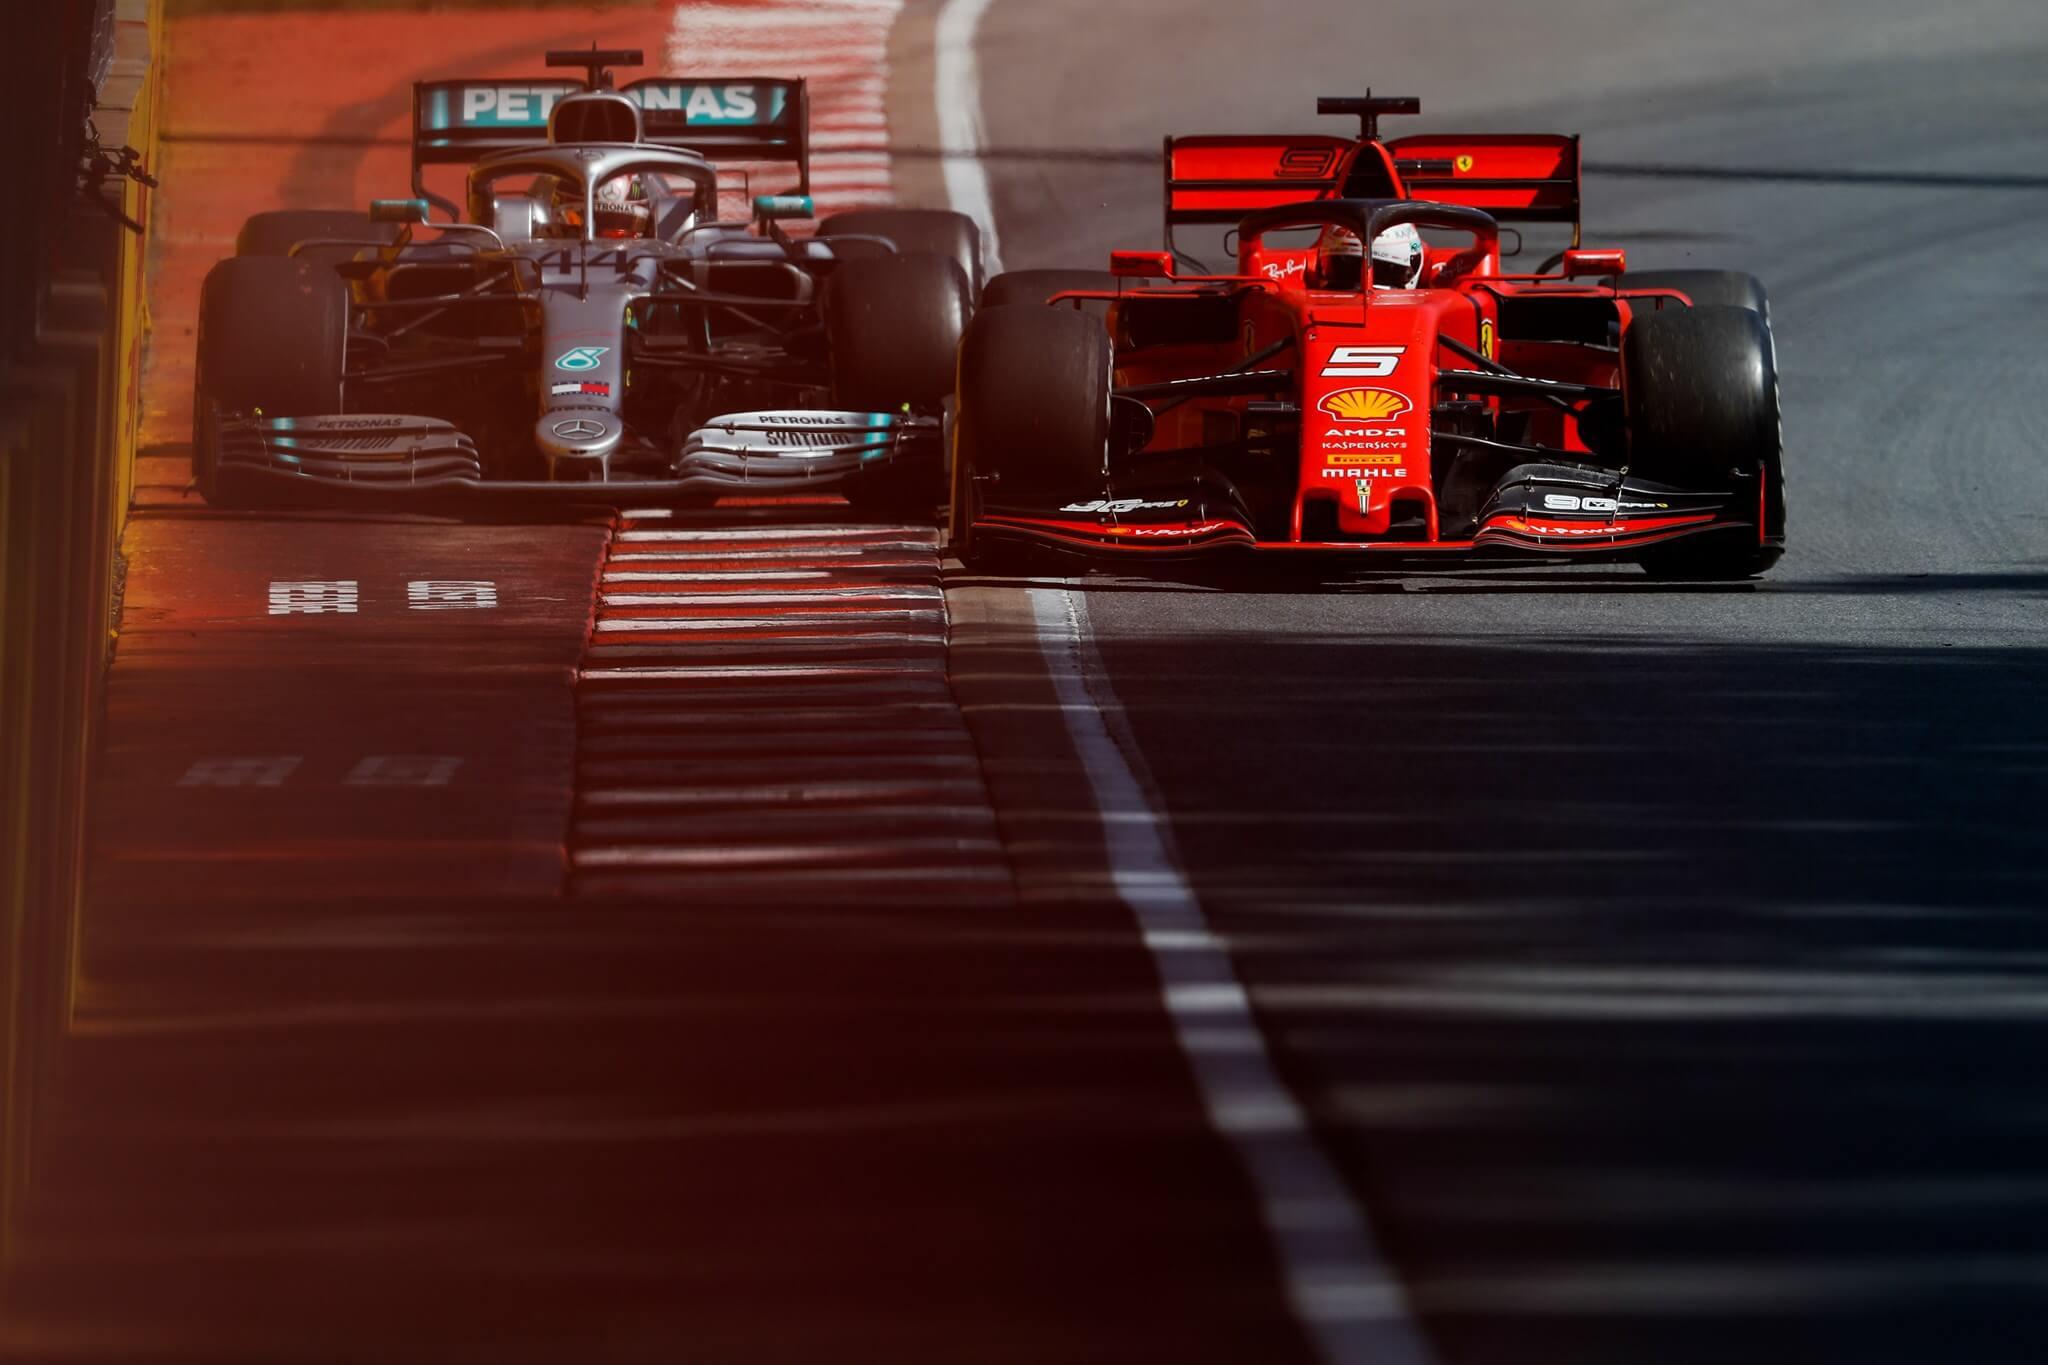 Formel 1 - Großer Preis von Deutschland/Hockenheim